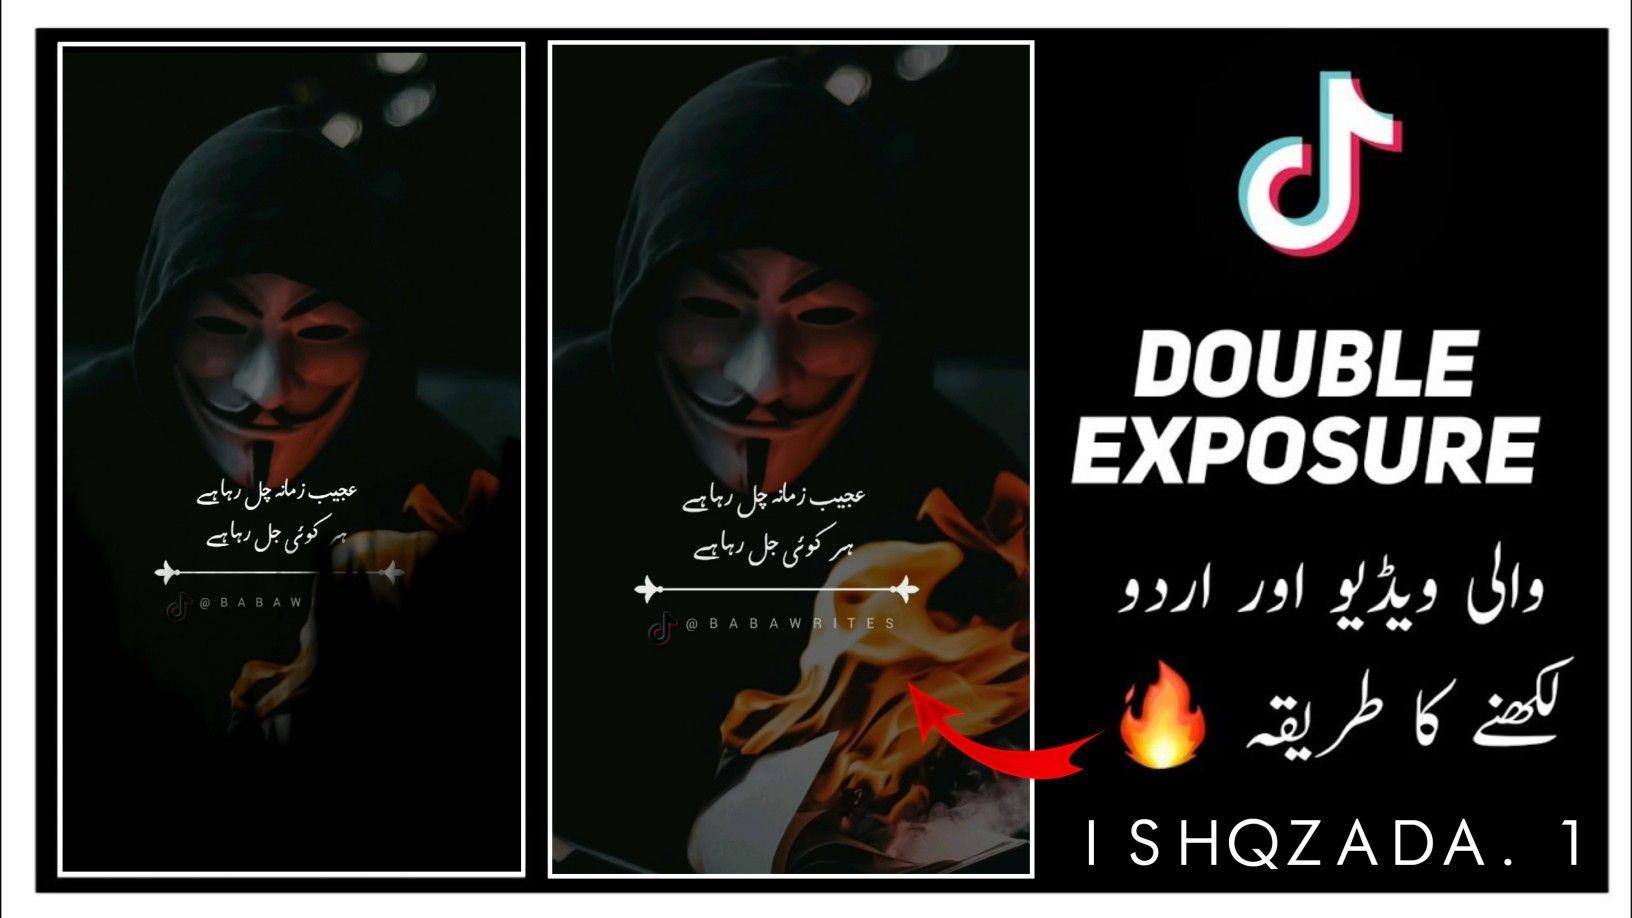 Tiktok Double Exposure Video Editing Like Ishqzada 1 Tik Tok Par Double Exposure Video Kaise Bnaye Double Exposure Video Editing Thumbnail Design